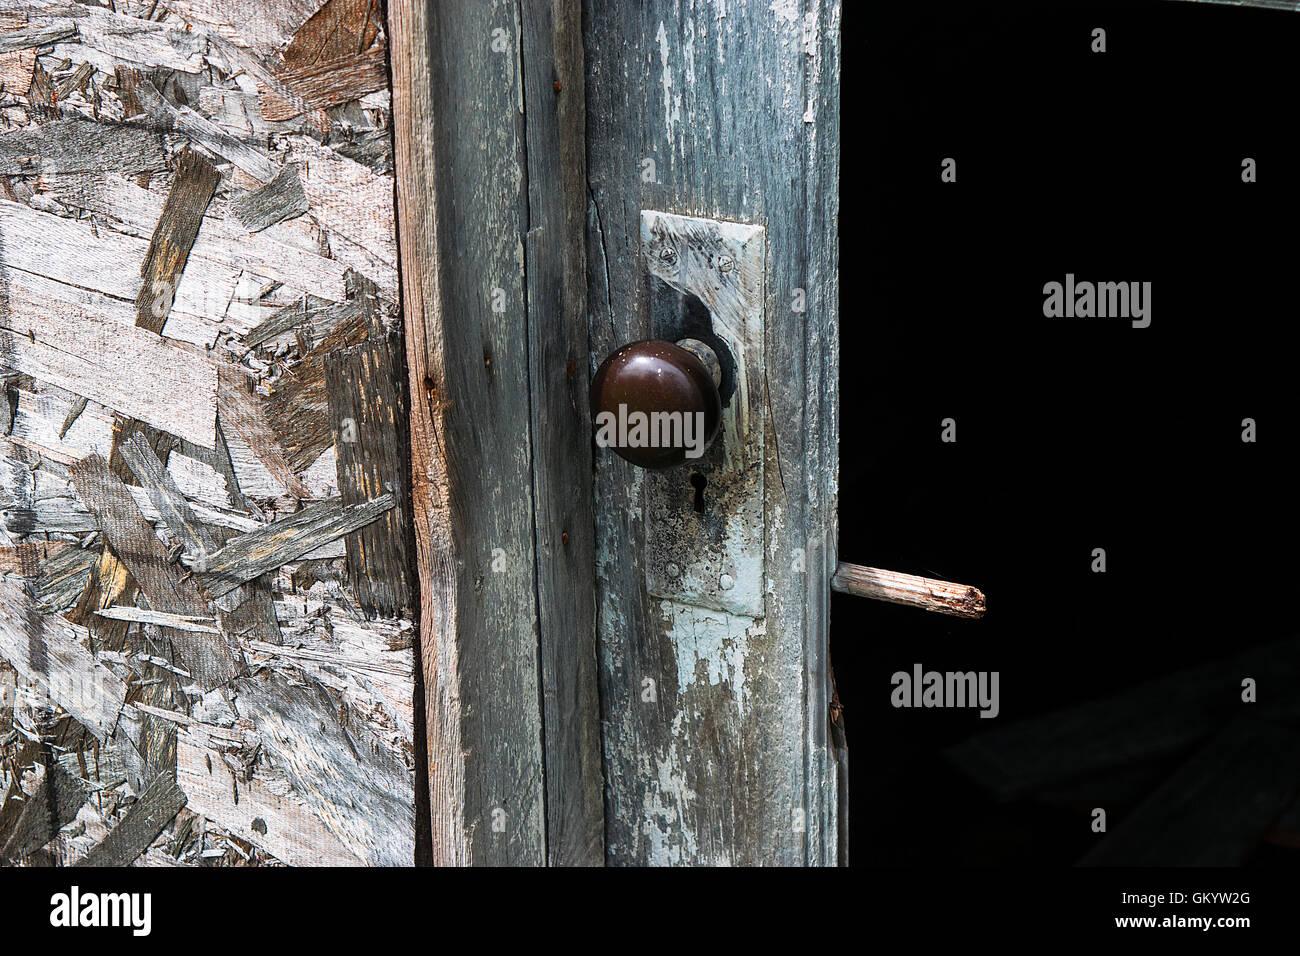 Old door knob - Stock Image